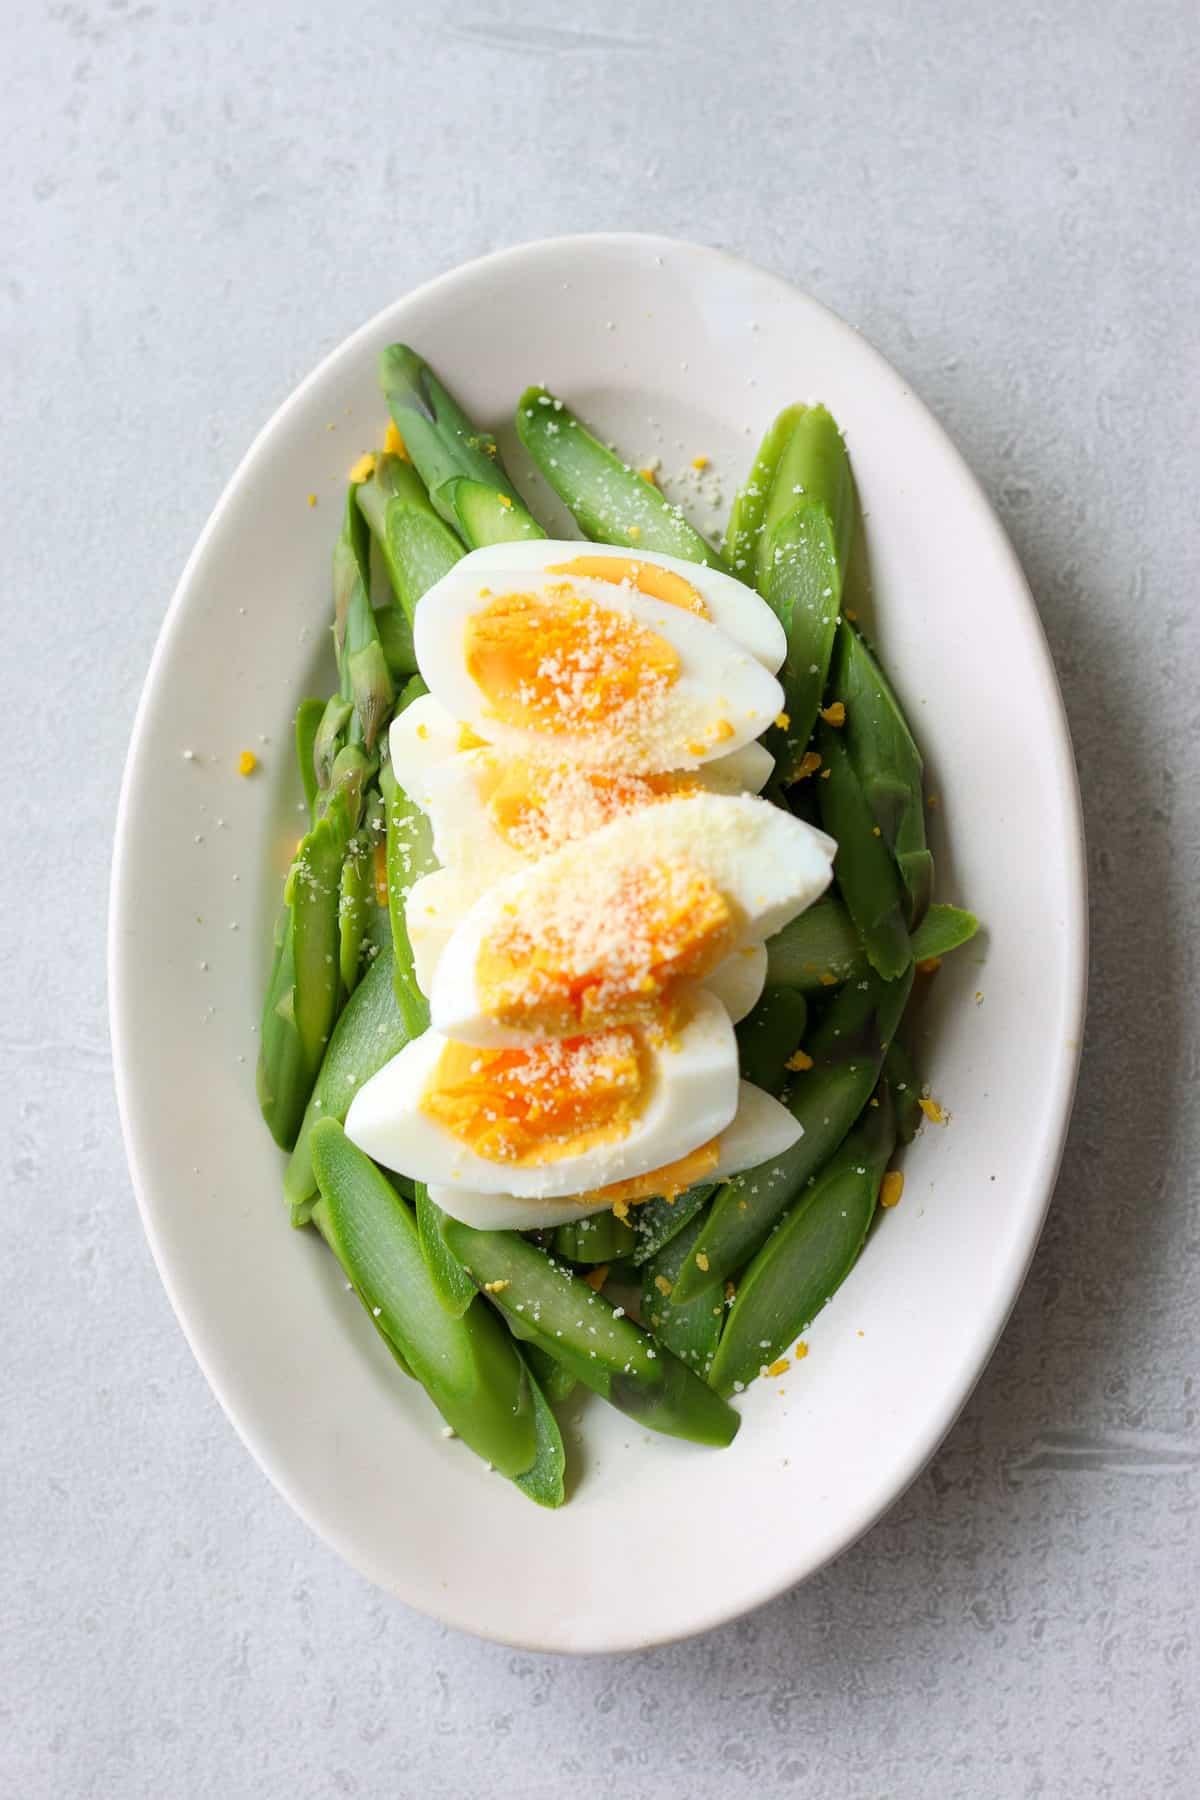 アスパラとゆで卵のシンプルサラダ